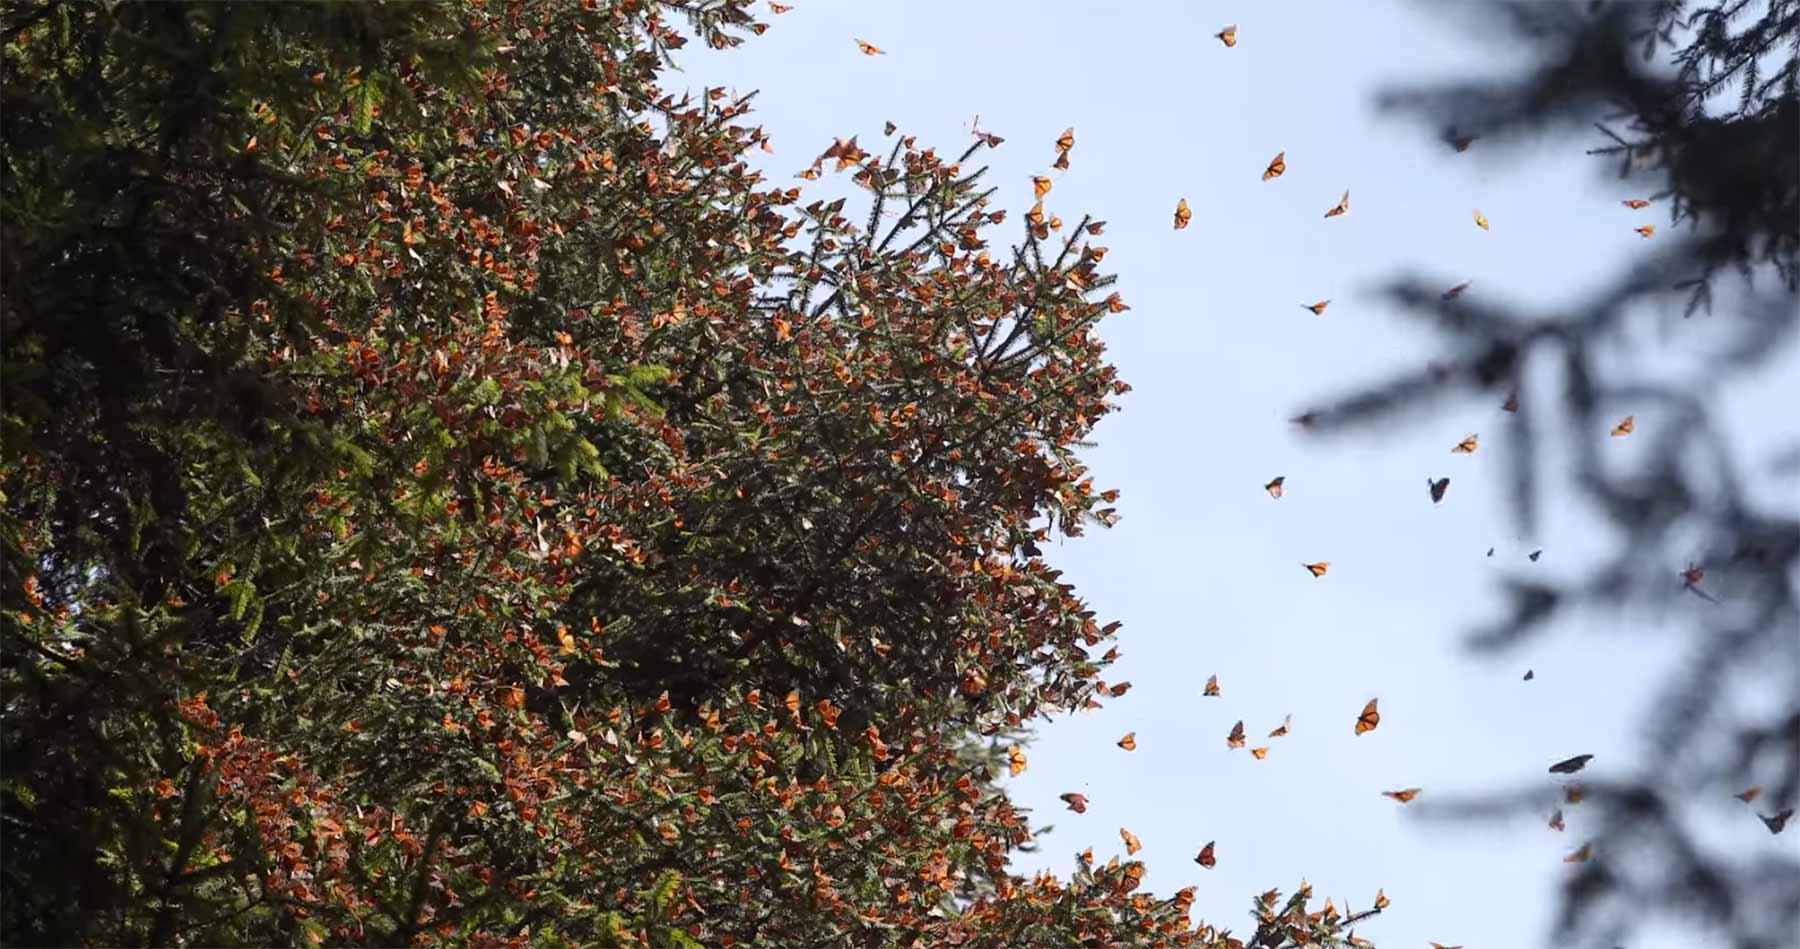 Millionen Schmetterlinge fliegen im Winter an diesen Ort monarchfalterwanderung